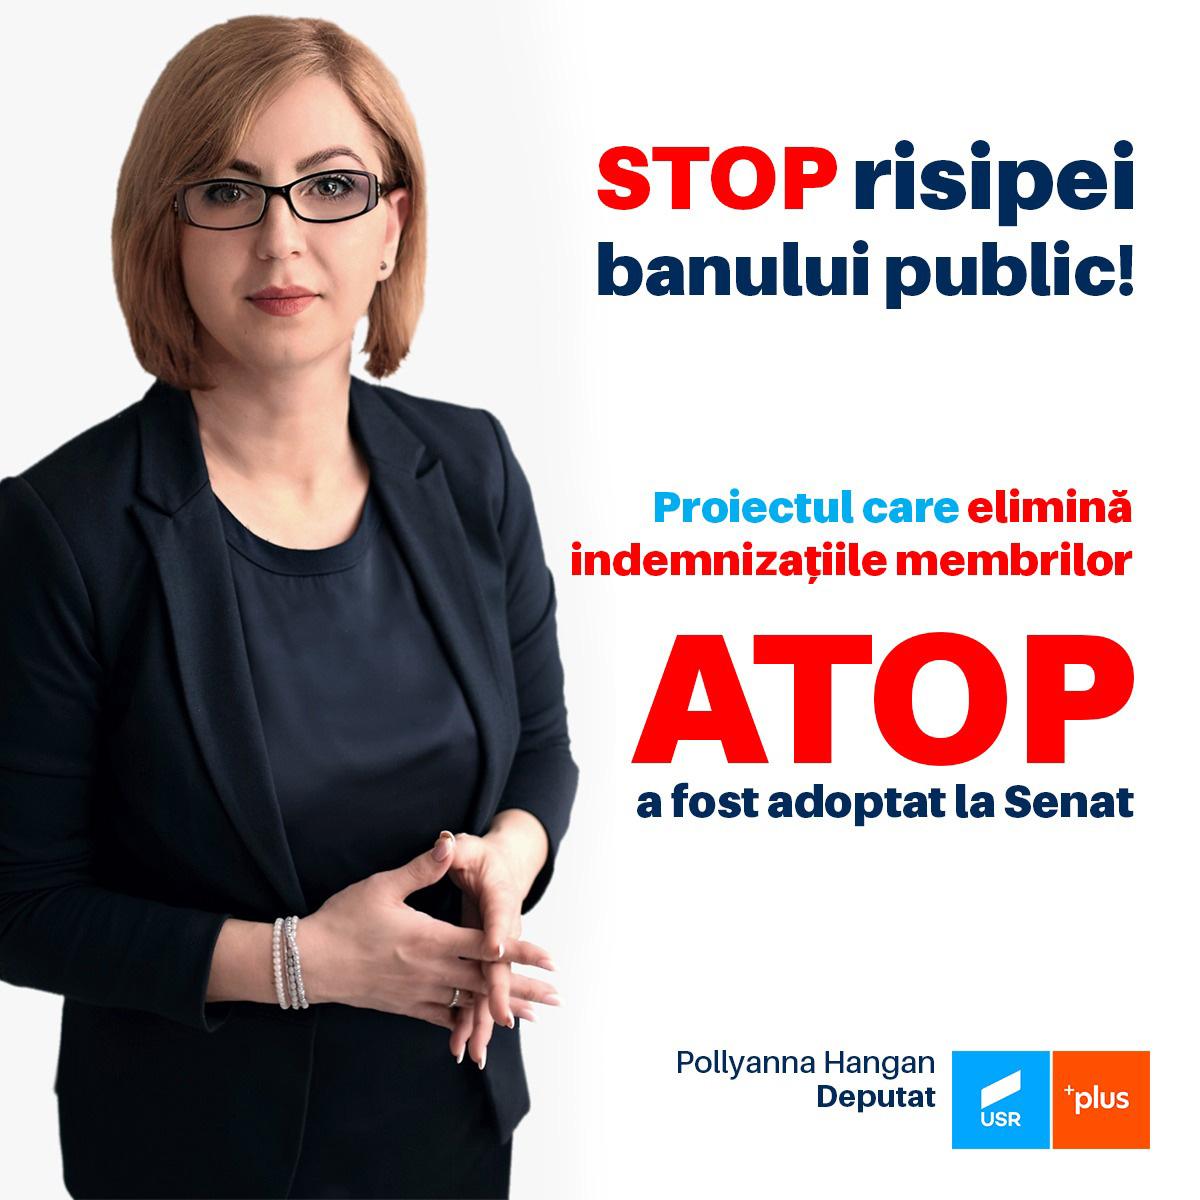 Victorie USR: Modificarea funcționării ATOP propusă de deputata Pollyanna Hangan a trecut de Senat